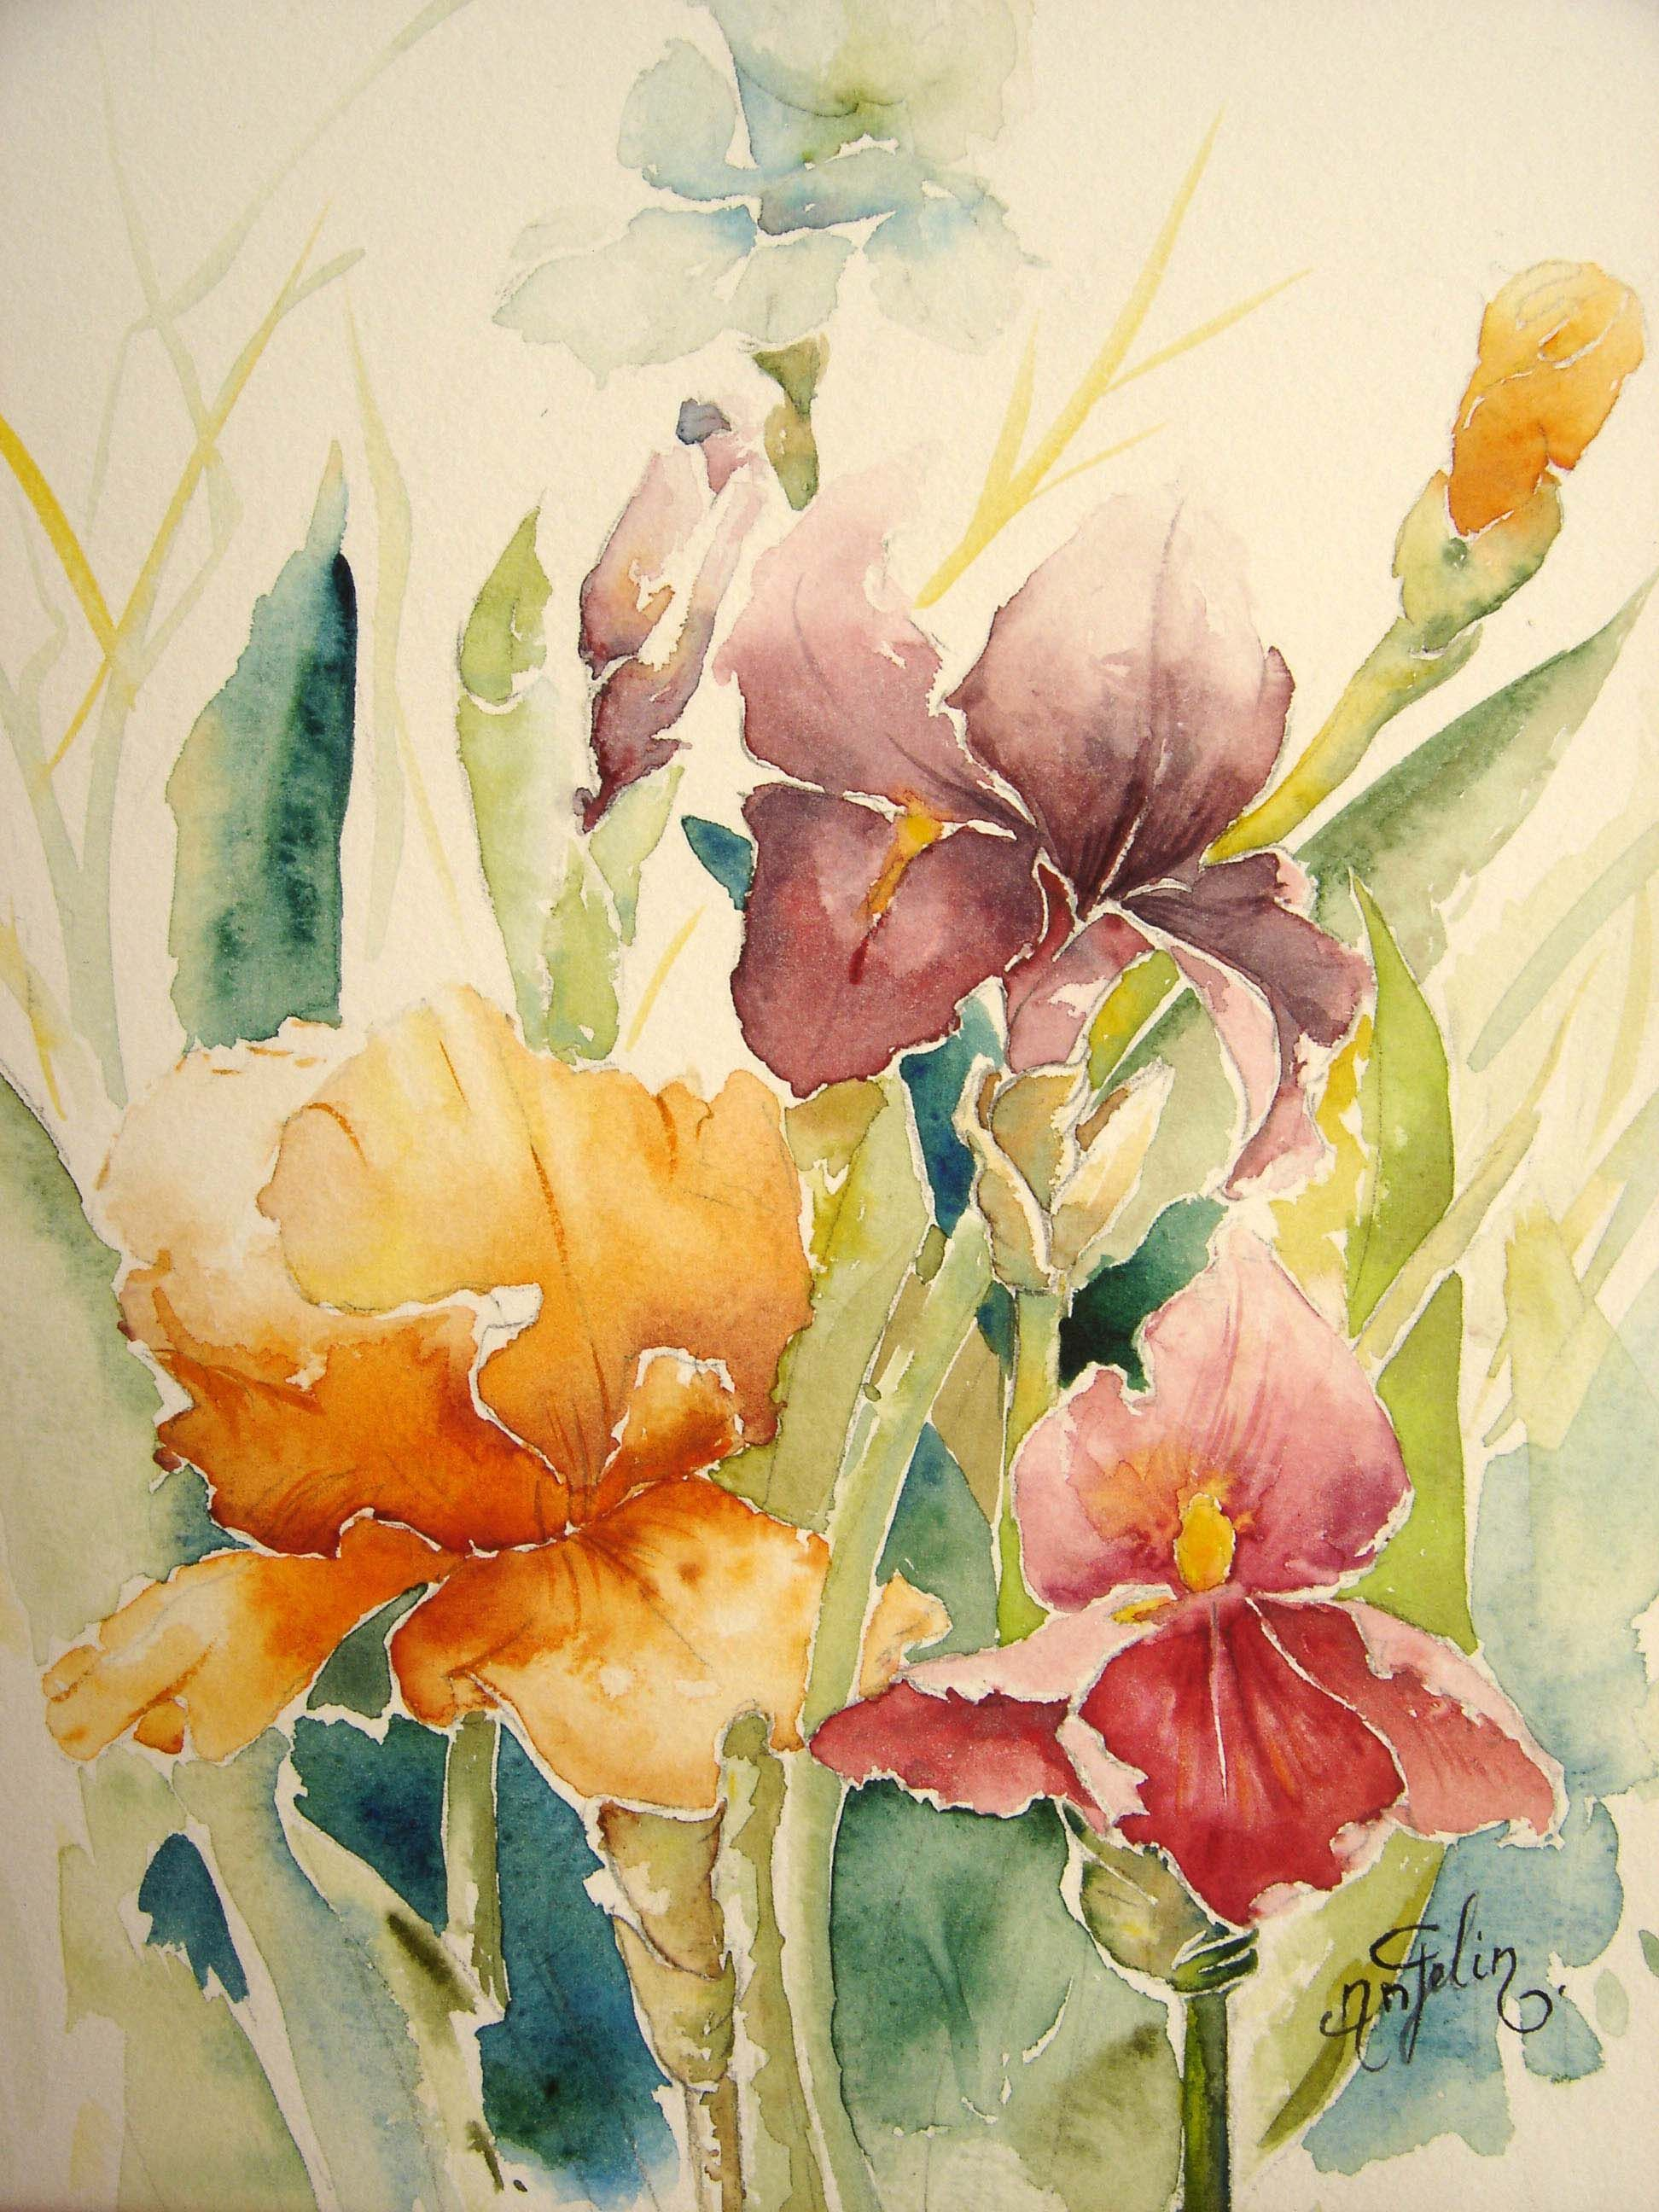 fleurs d'hiris | Fleurs impériales, majestueuses, pétales aériens parfois ...